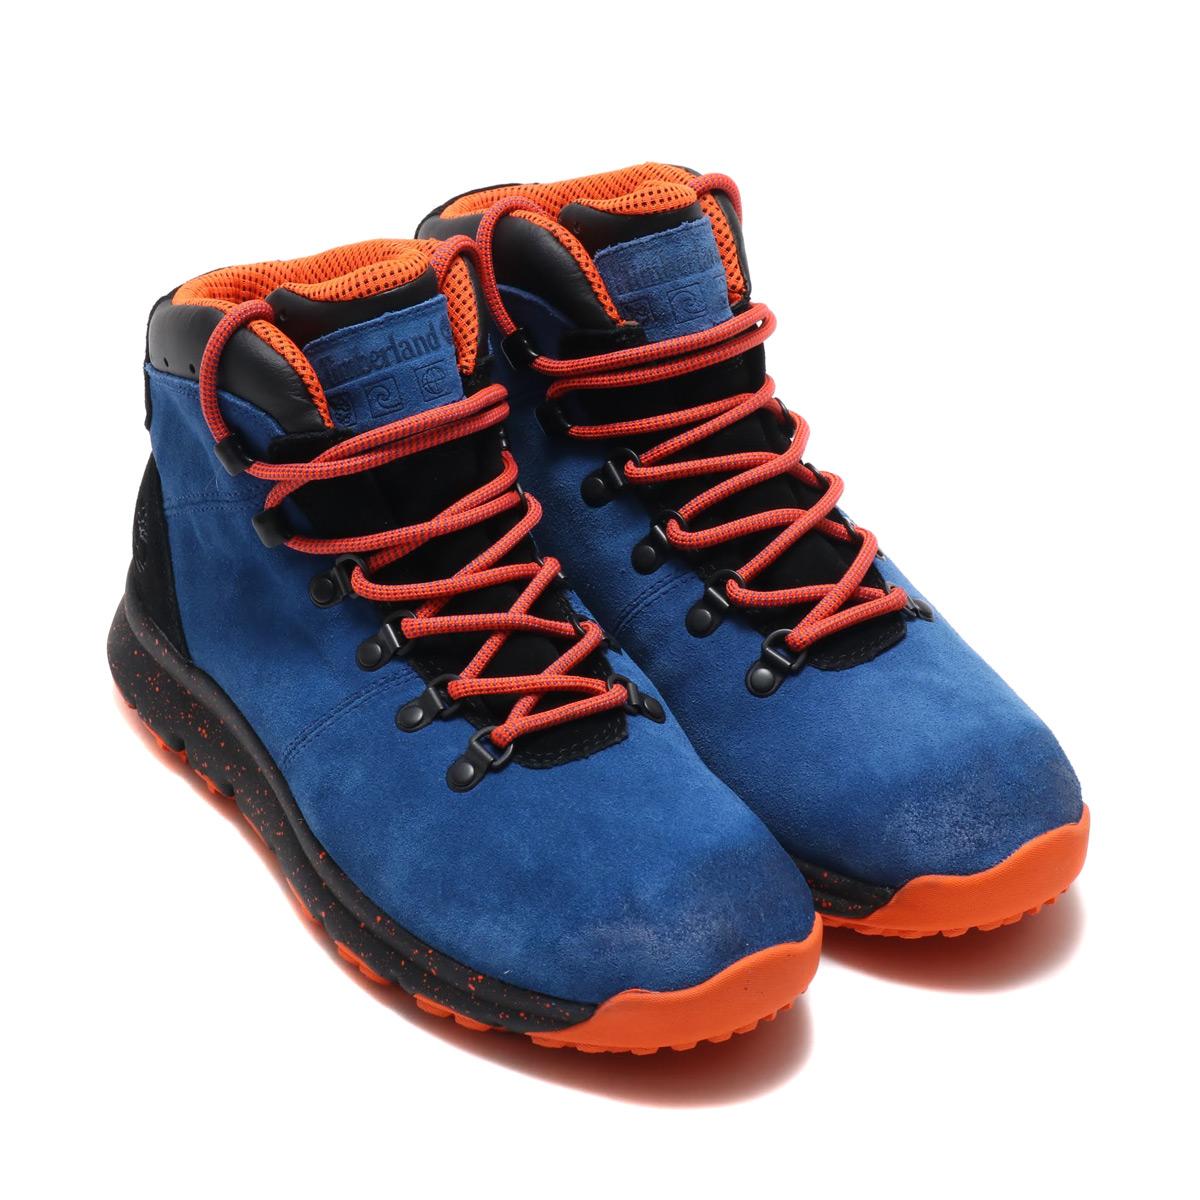 Timberland WORLD HIKER (ティンバーランド ワールド ハイカー)Medium Blue Suede【メンズ ブーツ】18FW-I